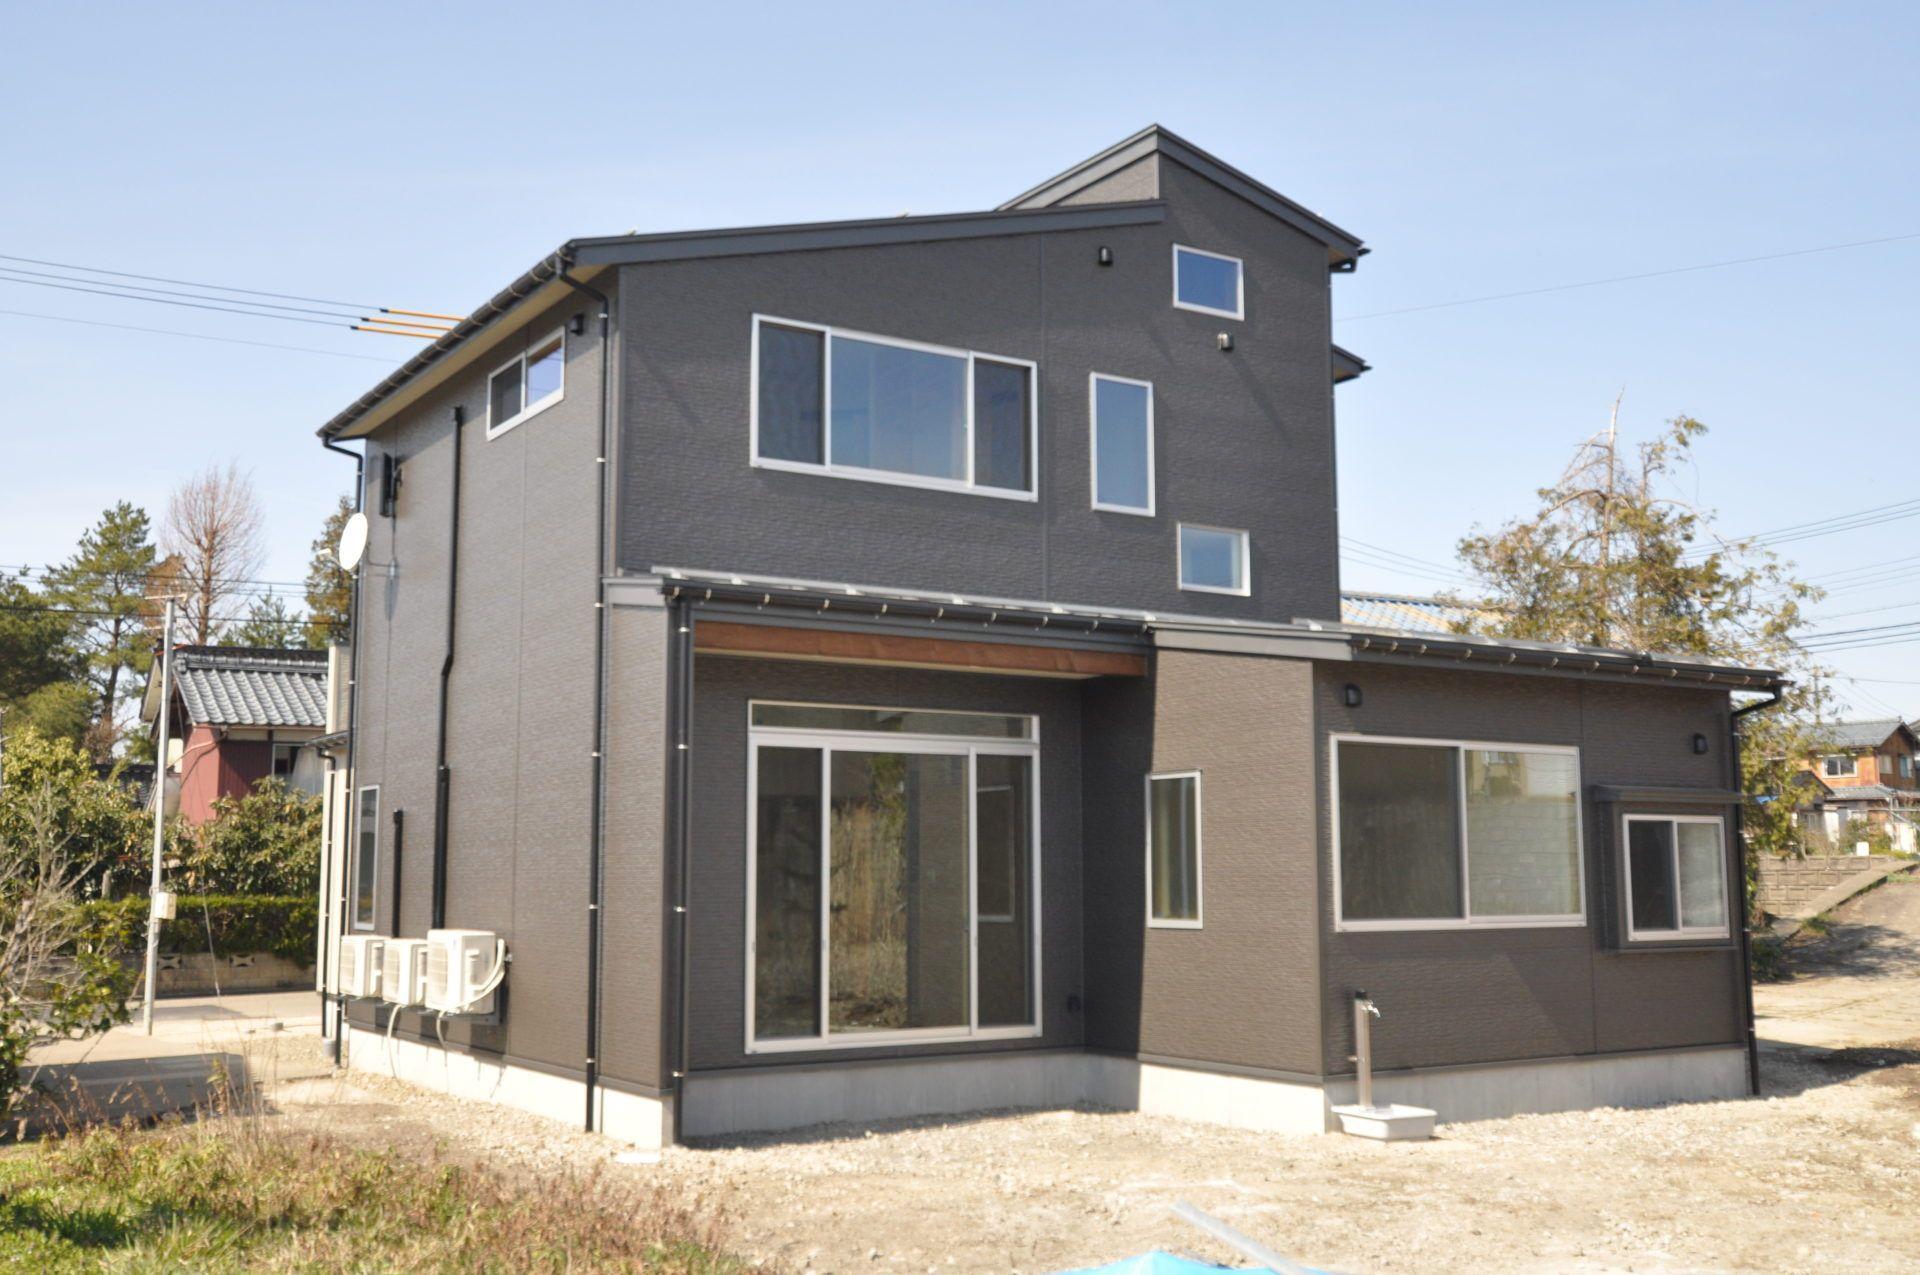 有限会社 市川建築店 1級建築士事務所「加茂市 Y様邸」のシンプル・ナチュラル・モダンな外観の実例写真